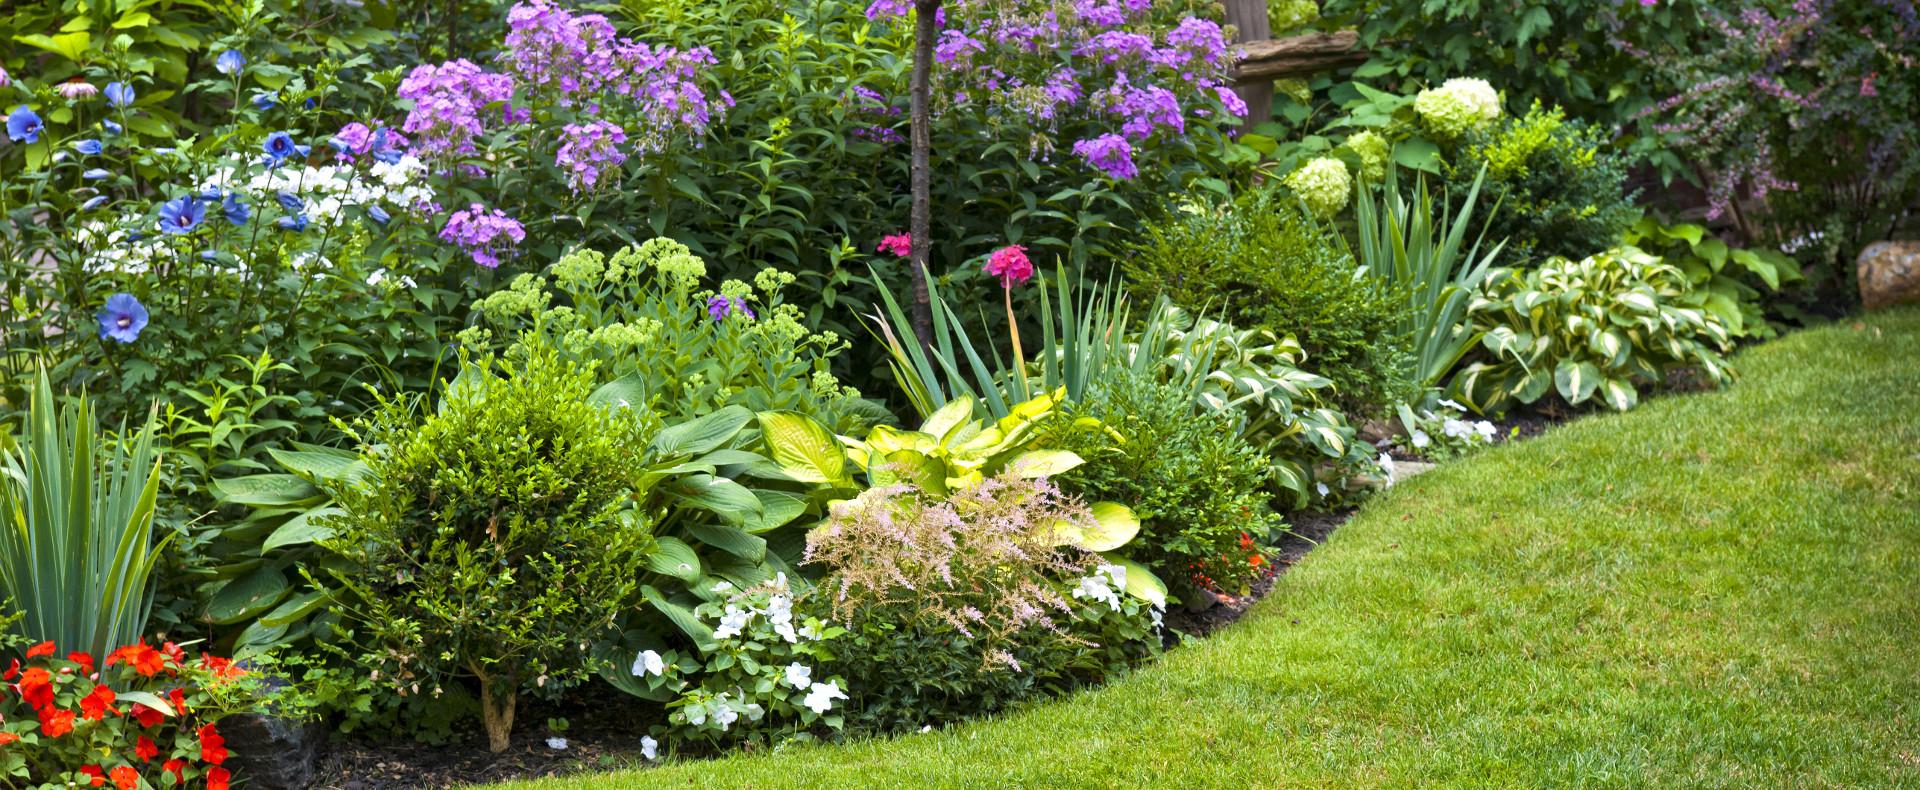 Strickler Blumen Gaerten (3)